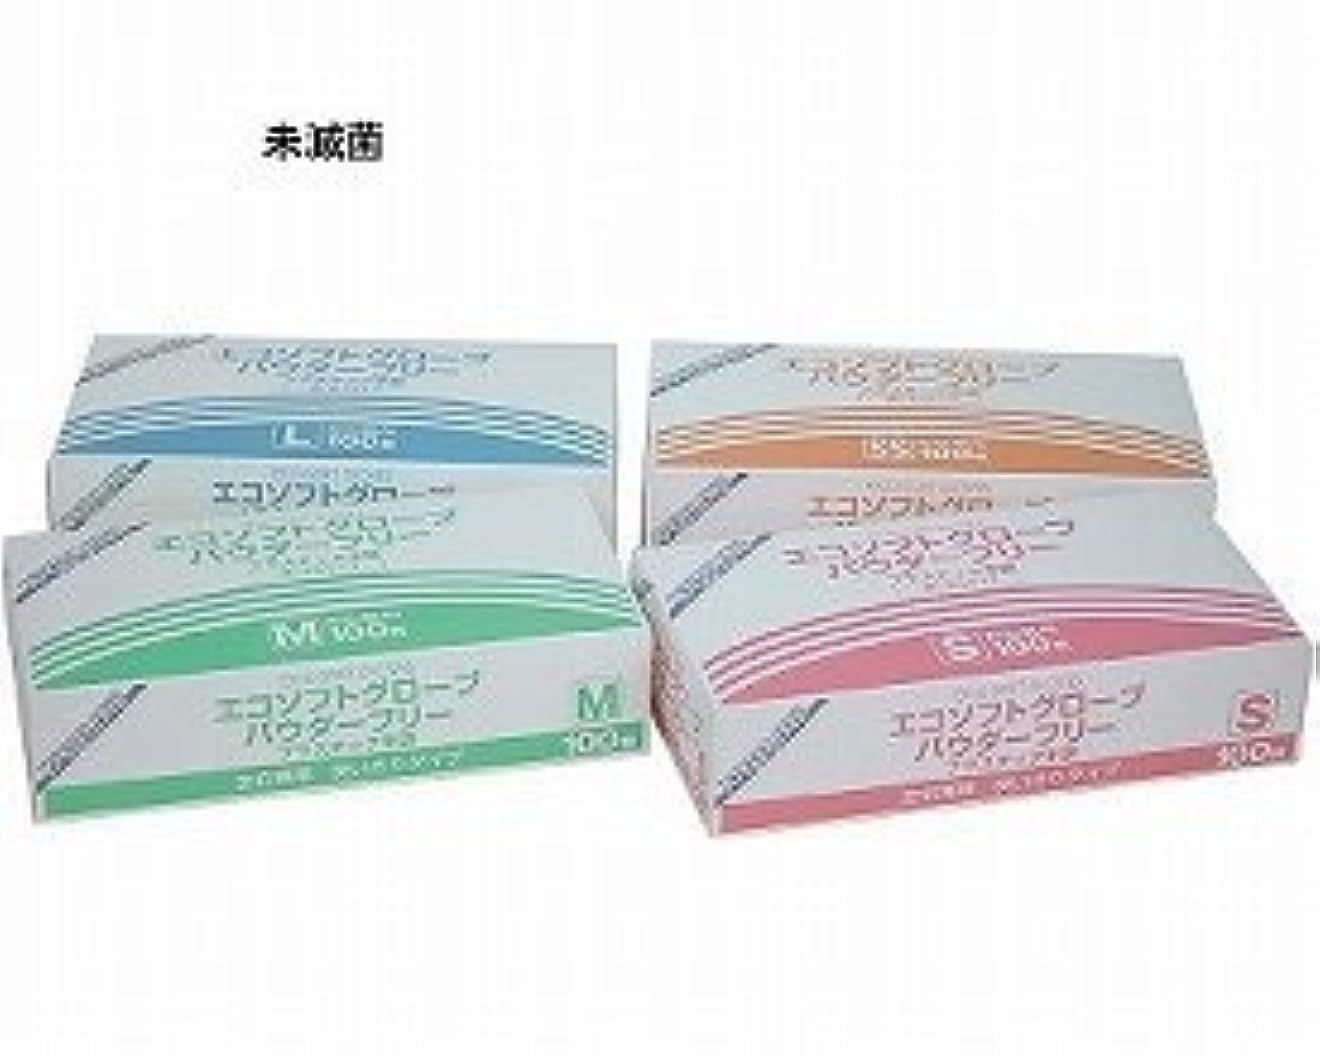 エコソフトグローブ パウダーフリー OM-370 100枚×20箱 (S)